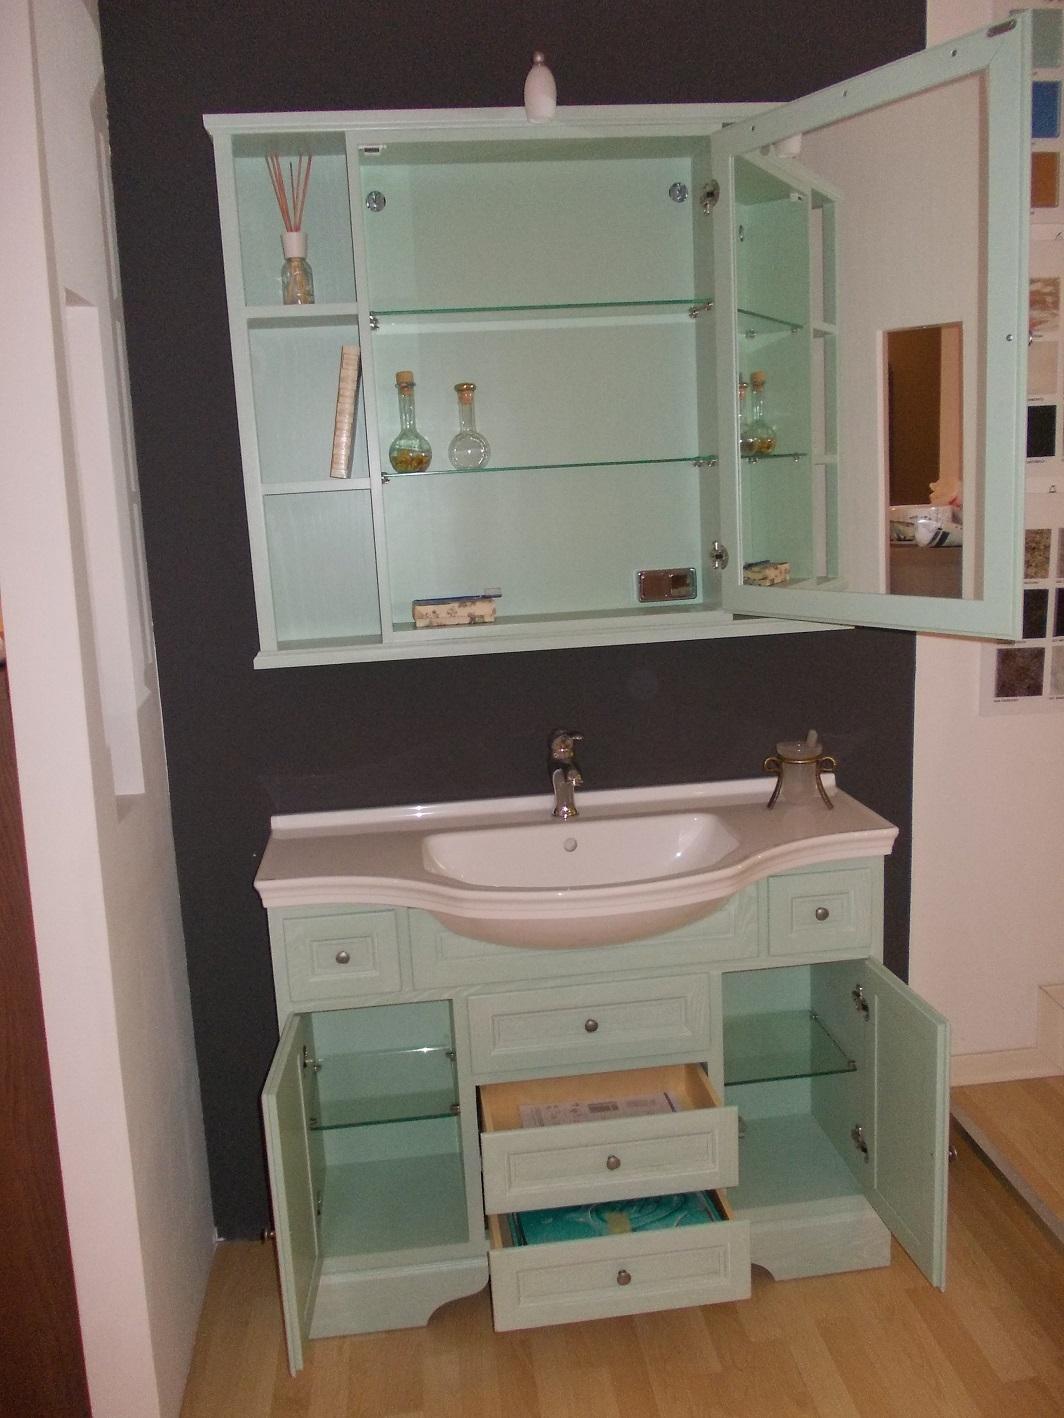 Bagno ikea legno idee creative di interni e mobili - Mobili legno ikea ...